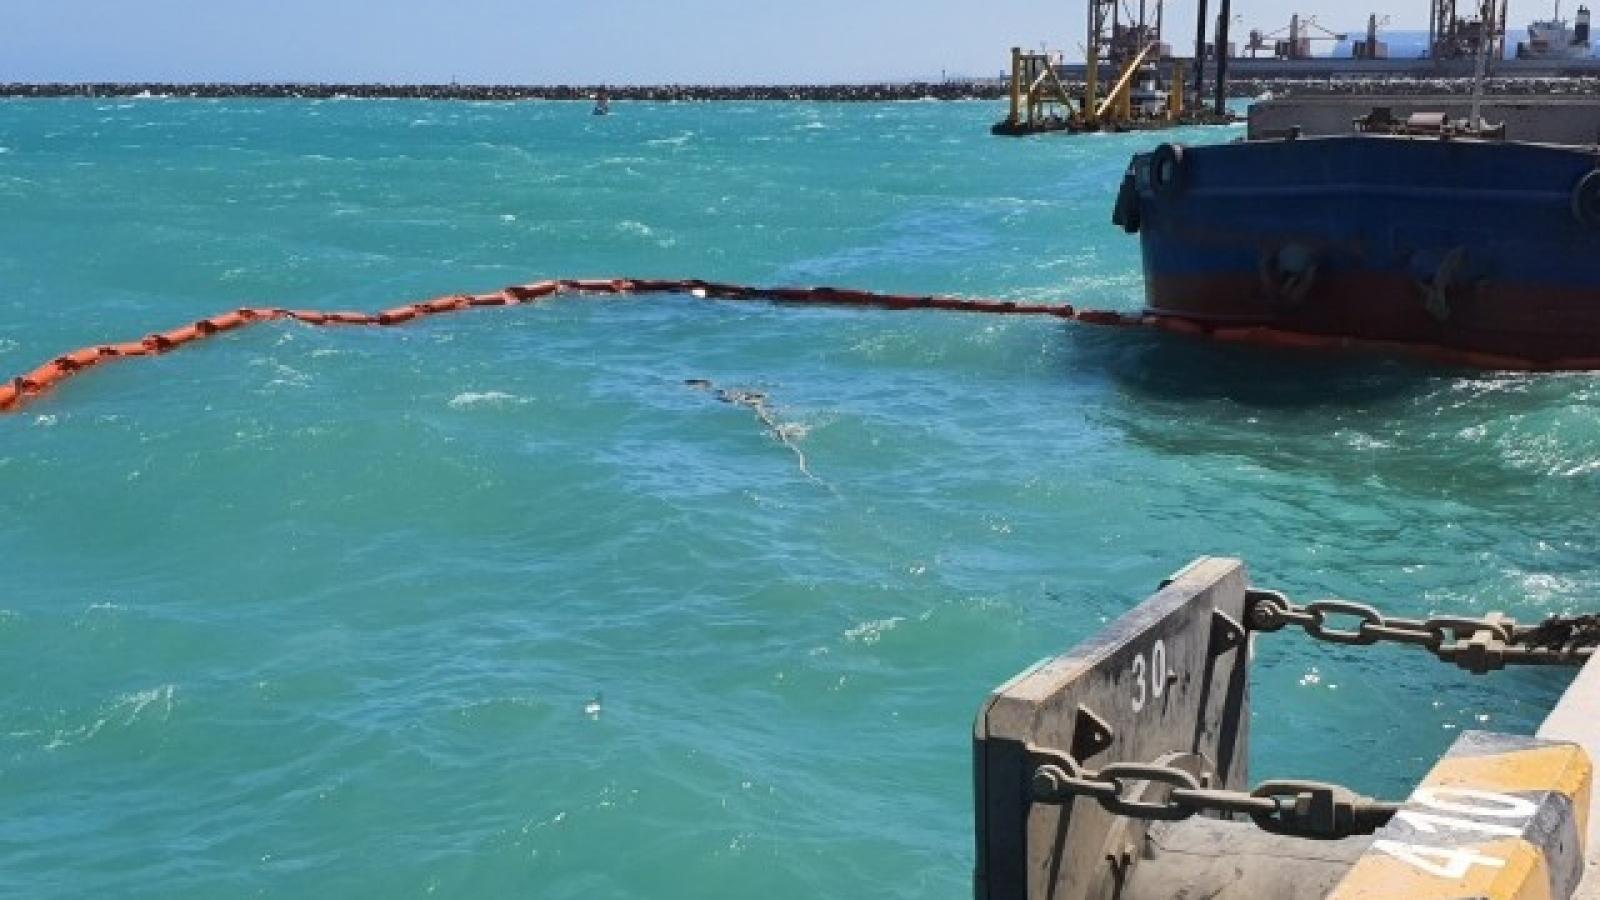 Chìm tàu chở đá ở cảng Vĩnh Tân, tỉnh Bình Thuận